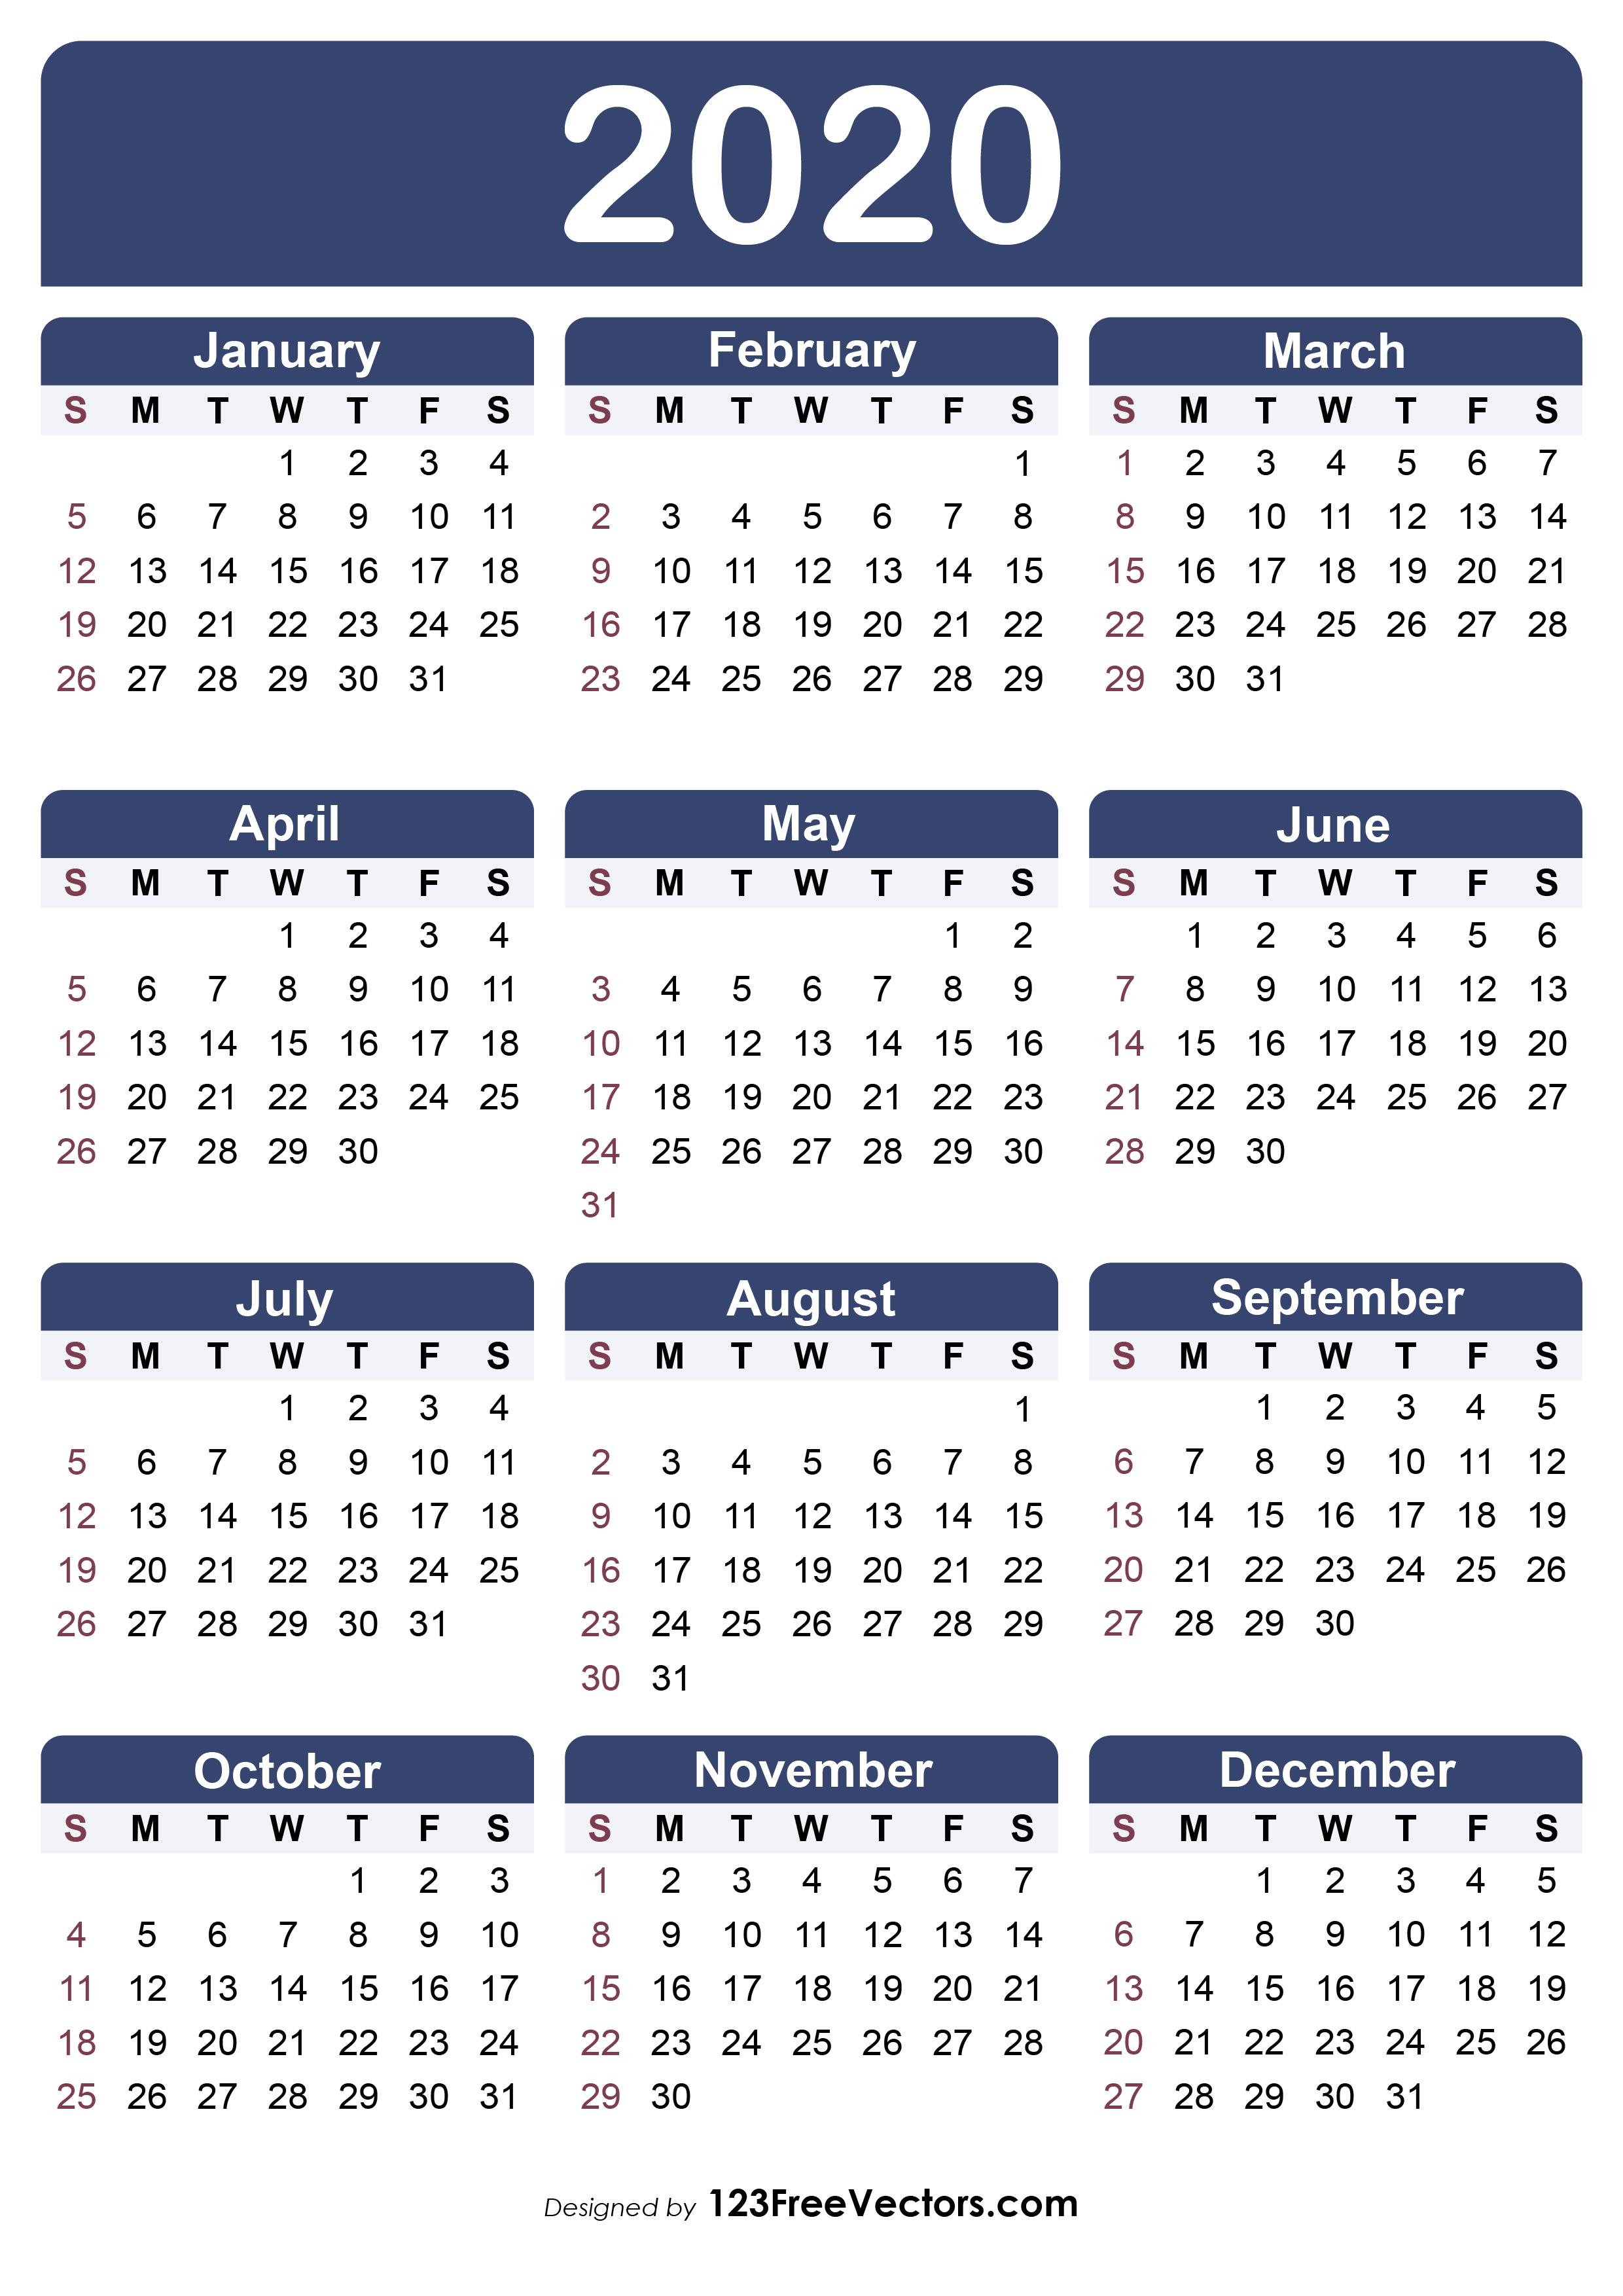 210 2020 Calendar Vectors Download Free Vector Art